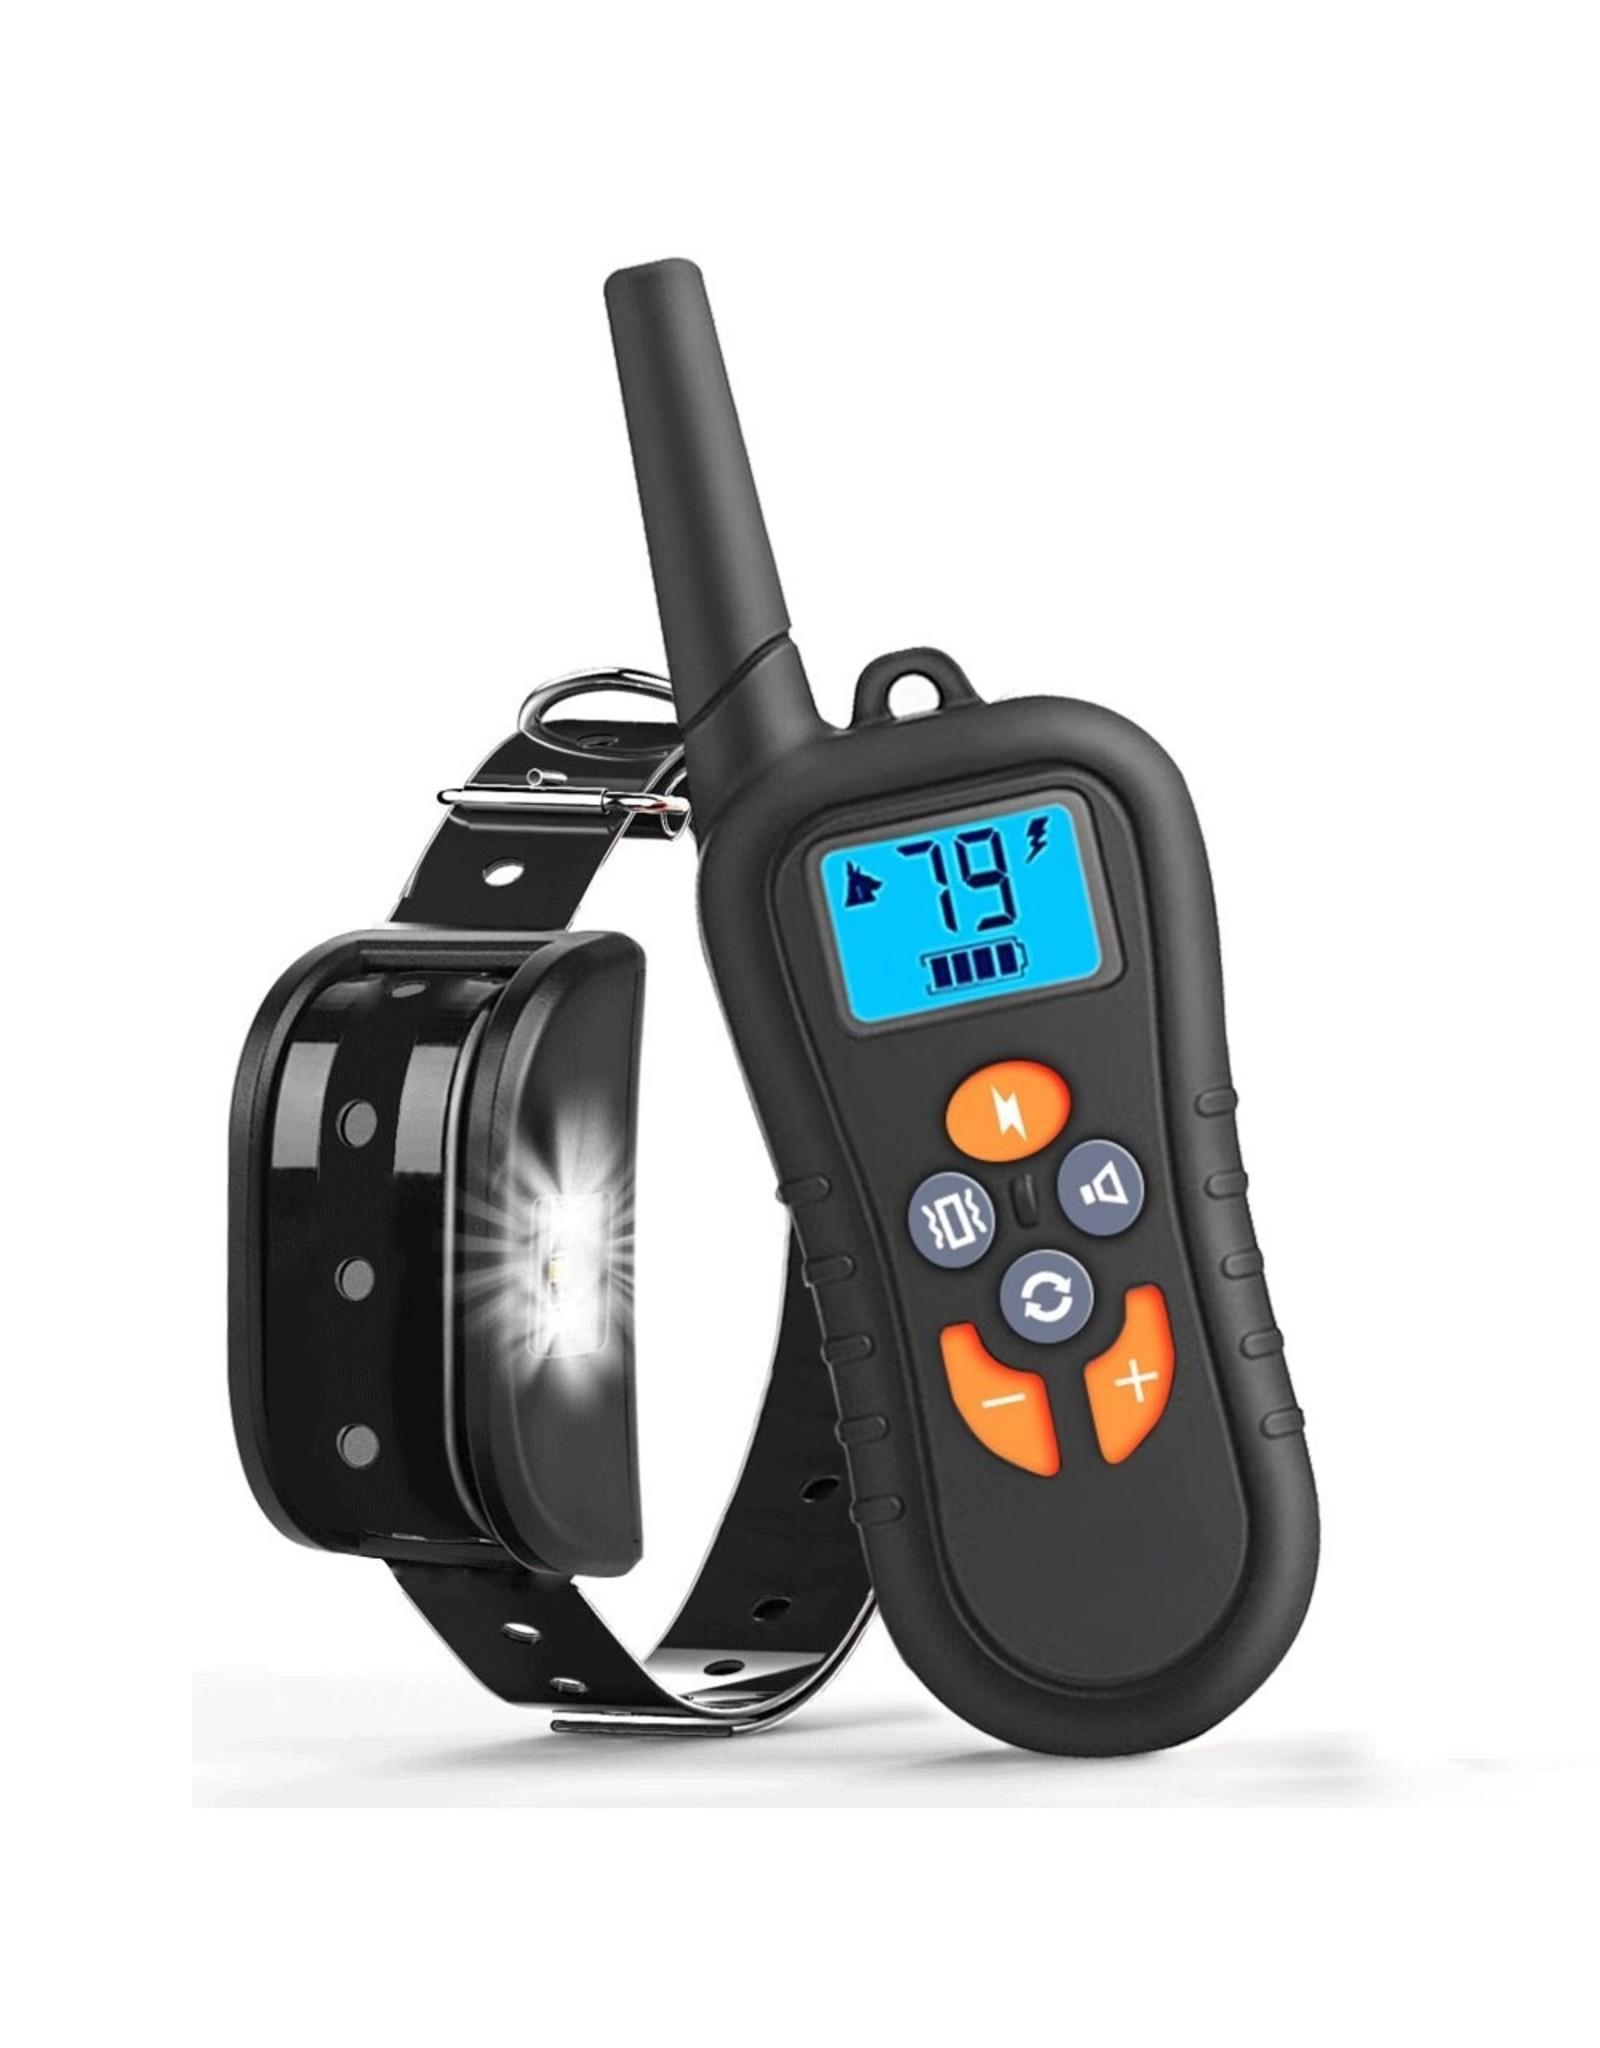 Hondentrainingshalsband voor 1 hond, Waterdicht Oplaadbaar Bereik 1400 Ft Shock Halsband met Tracking Light Piep Trillingen Schokmodi